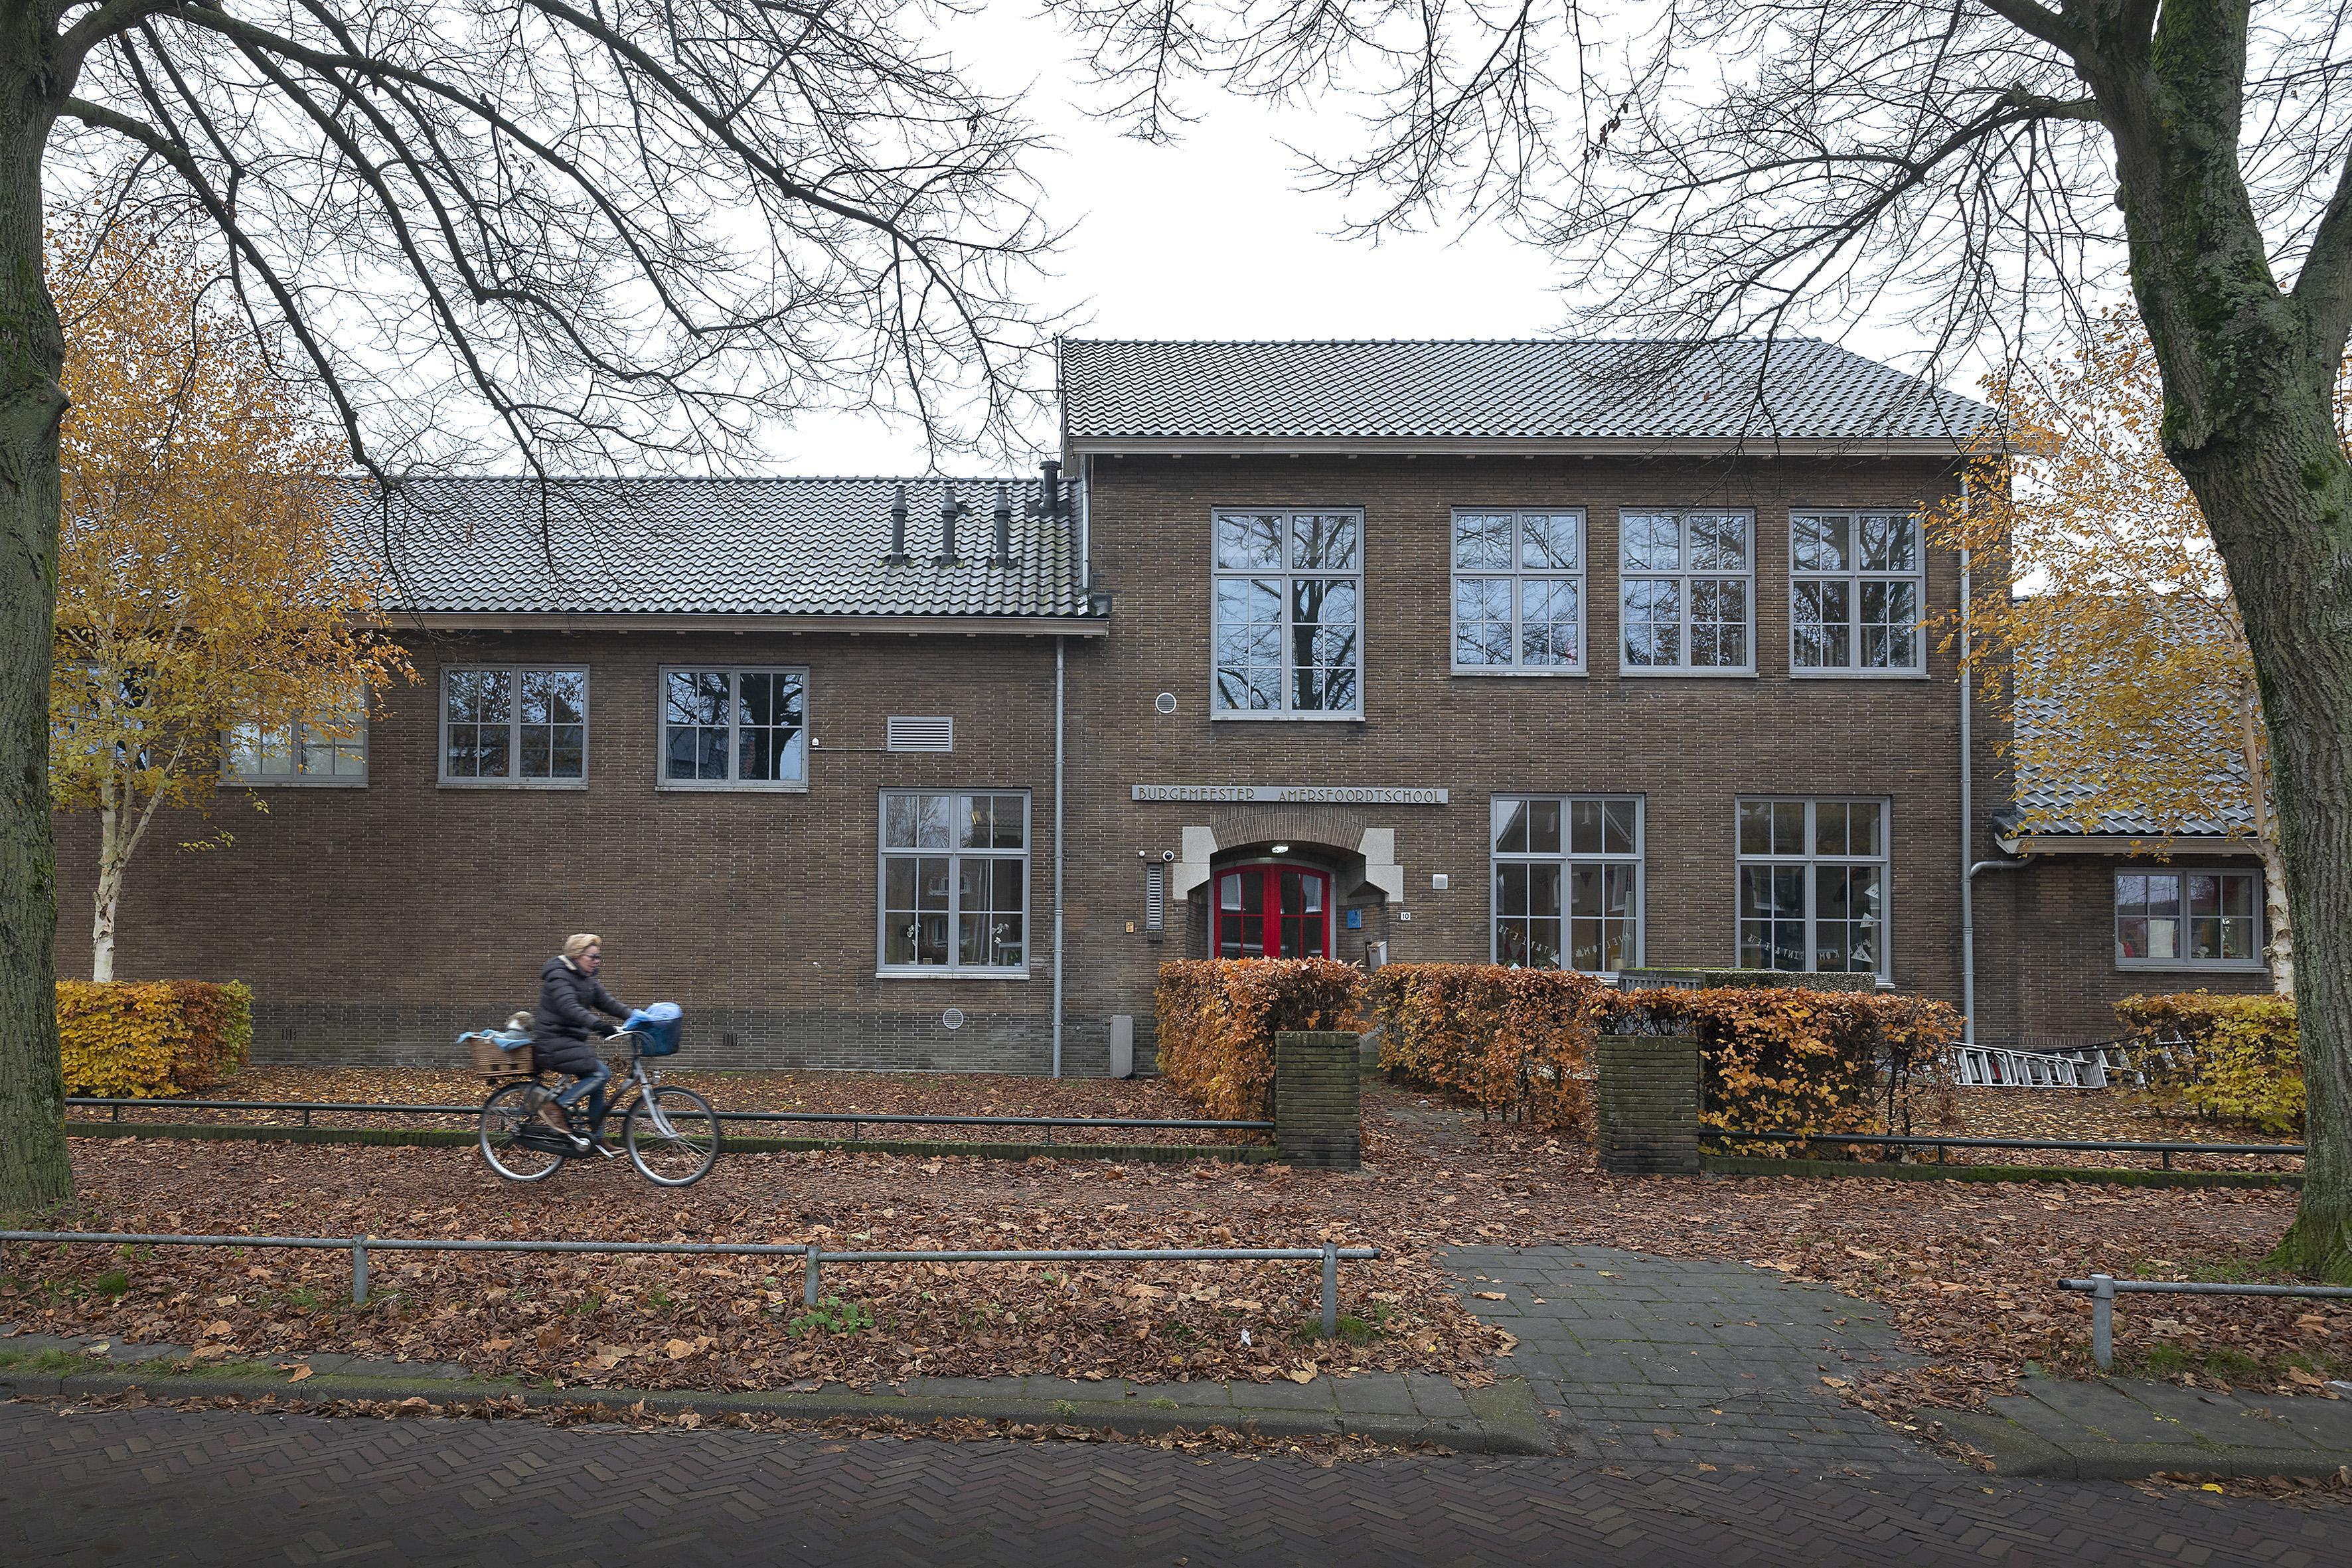 Amersfoordtschool in Badhoevedorp gaat na 100 jaar dicht, besluit gemeenteraad Haarlemmermeer